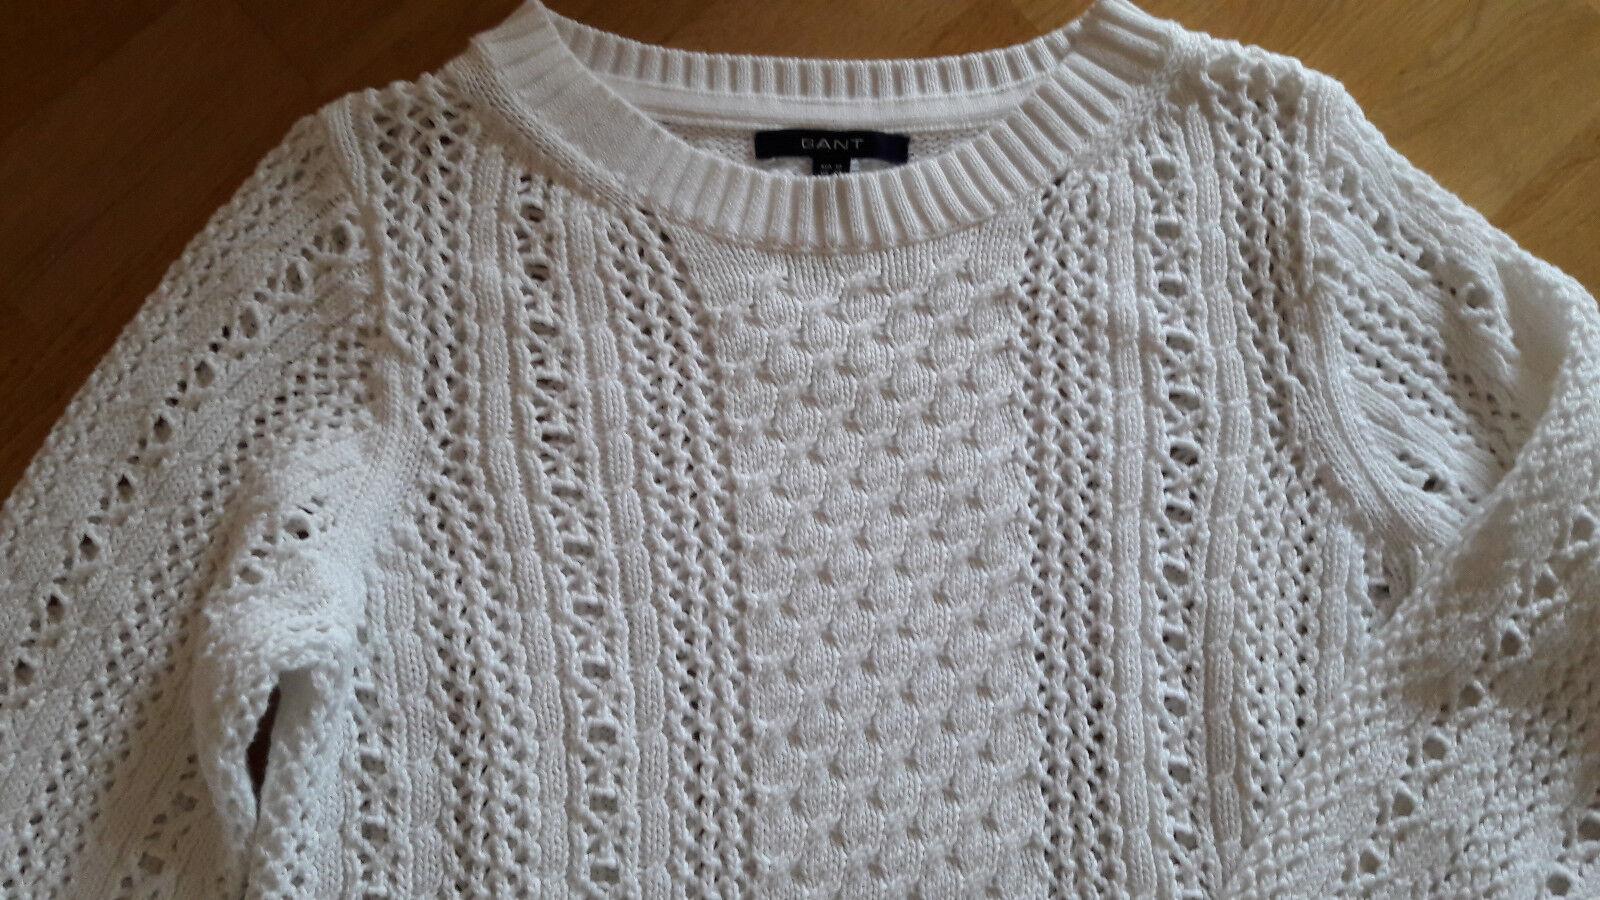 GANT Pullover, Damen, NEU, Größe M, Farbe Farbe Farbe  weiß | Starke Hitze- und Abnutzungsbeständigkeit  4f44f9